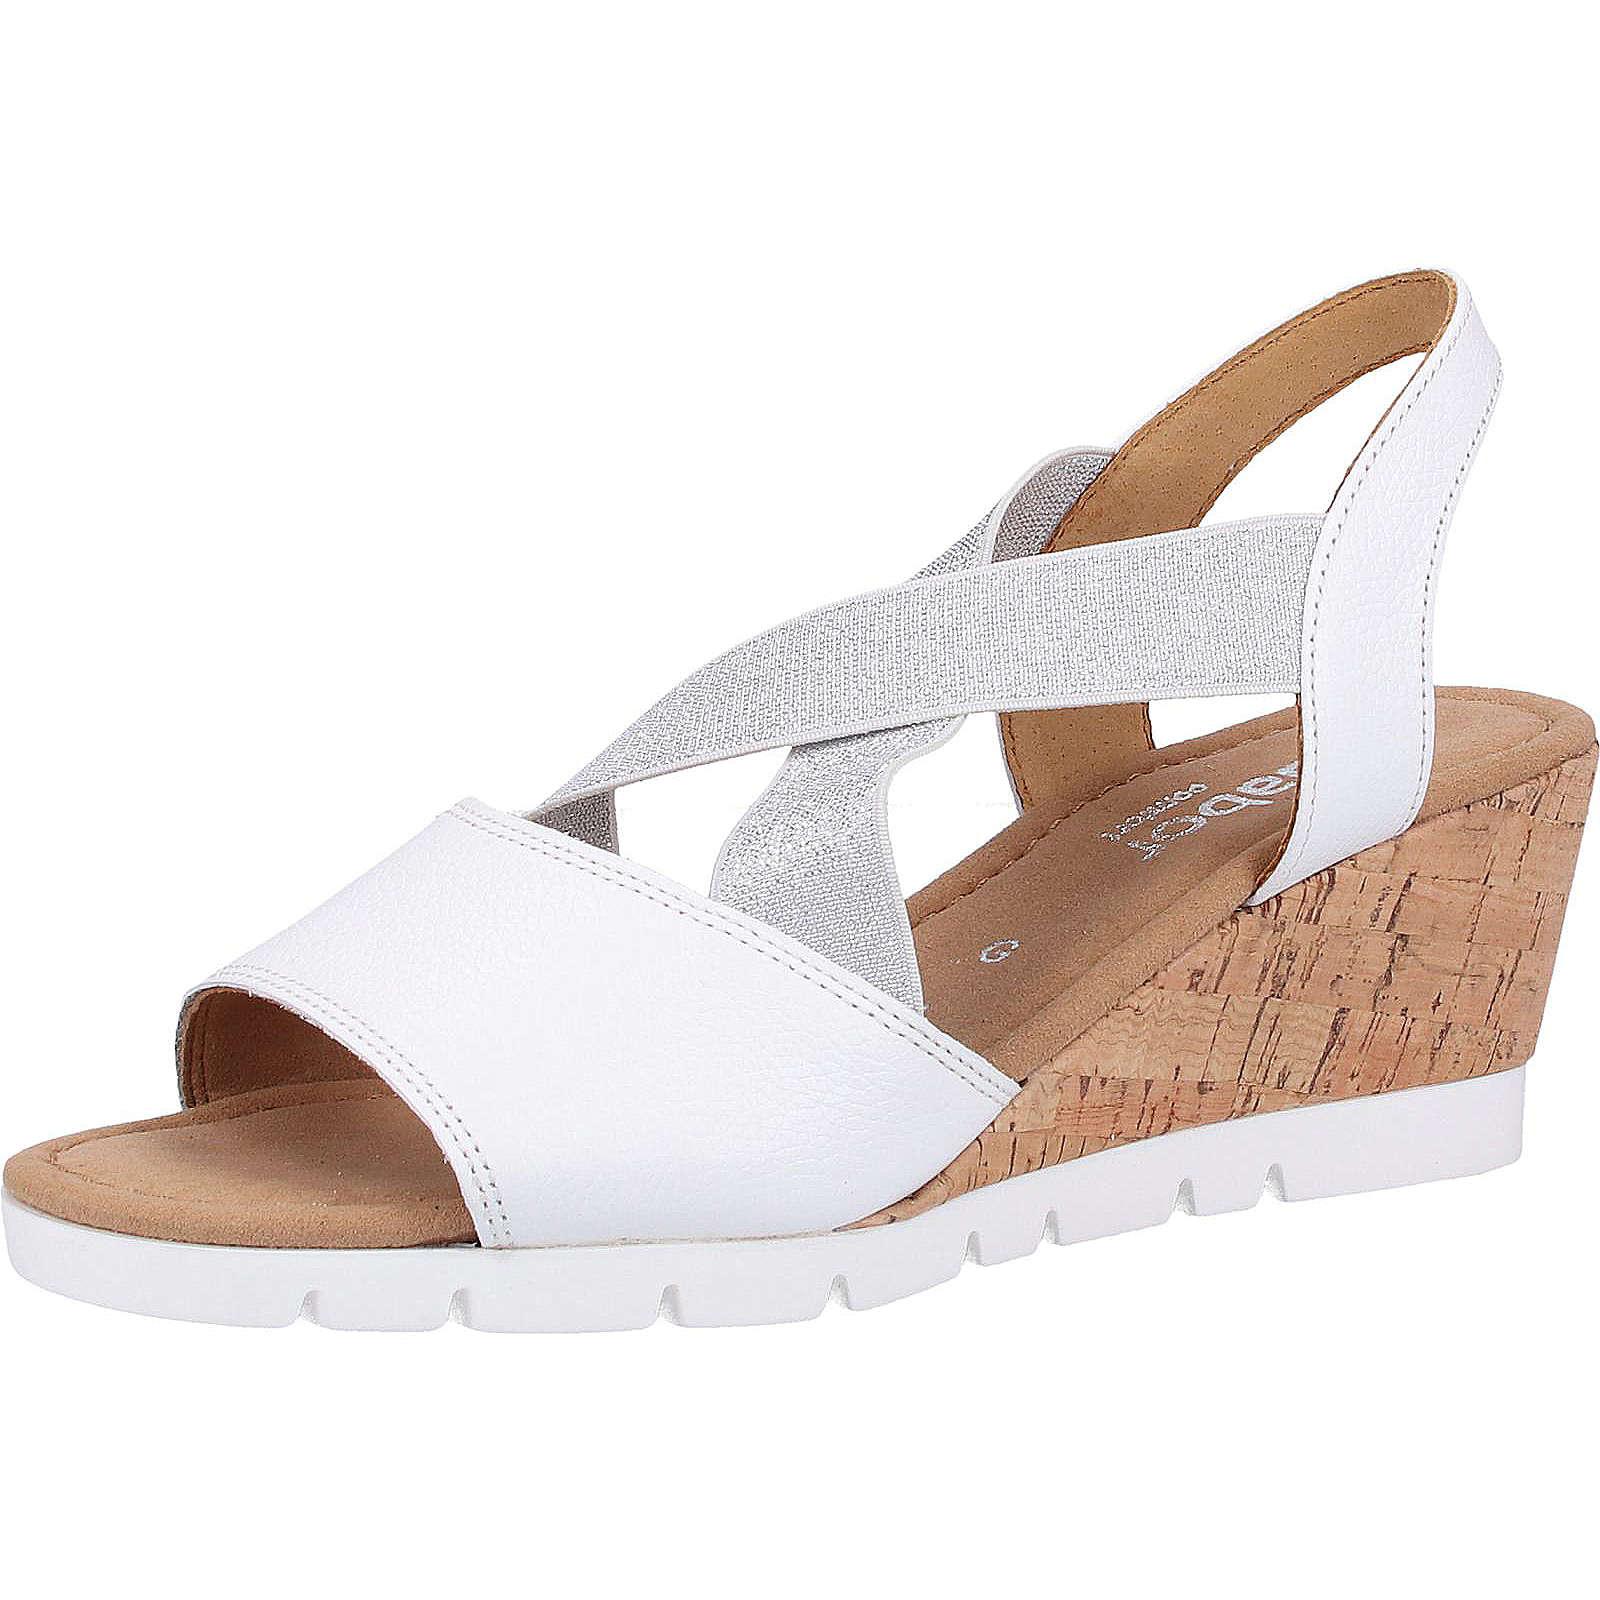 Gabor Sandalen Klassische Sandaletten weiß Damen Gr. 36